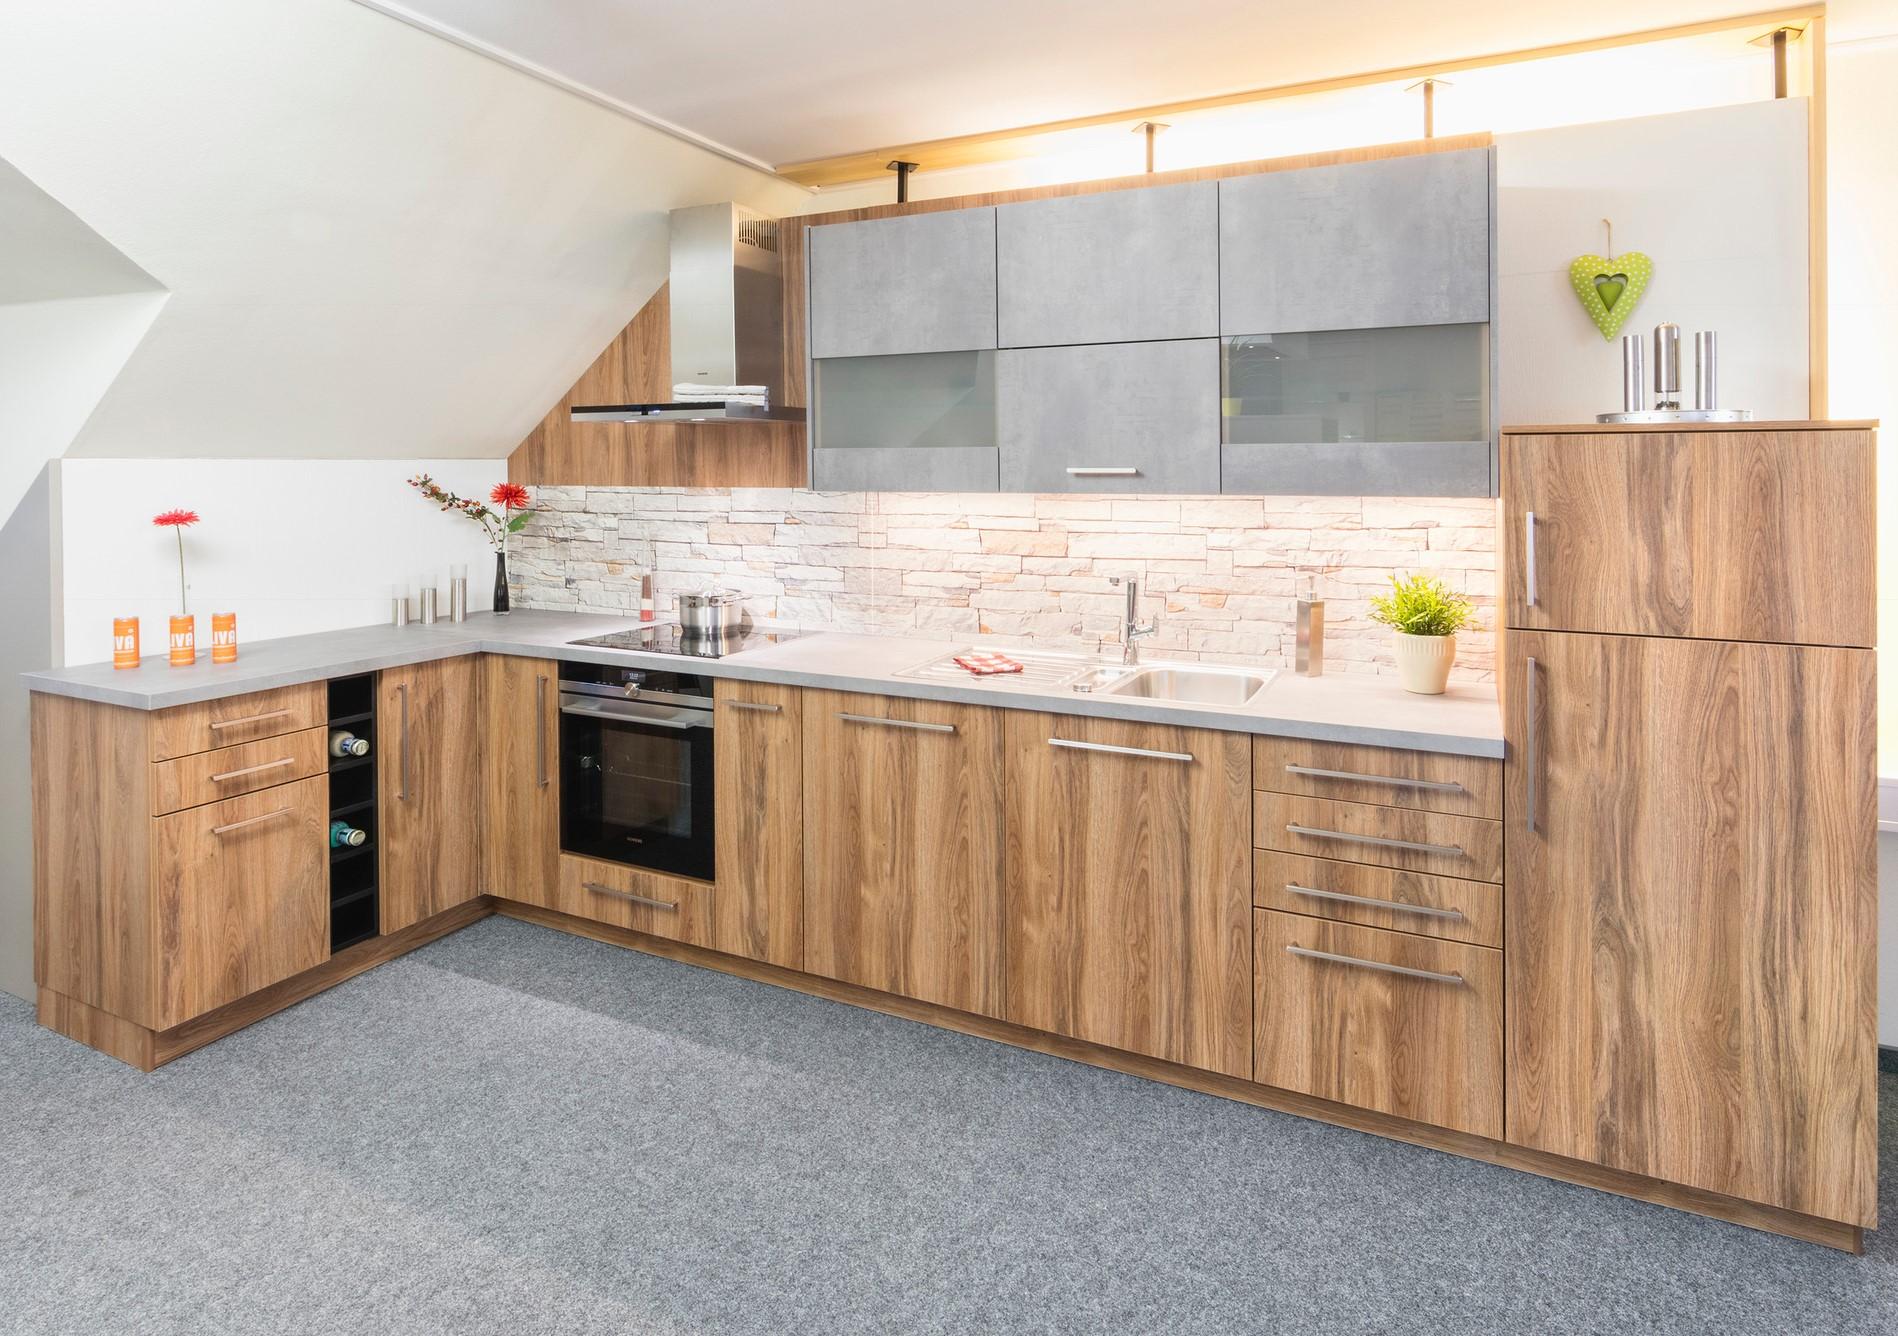 Fein Koch Küchendesign Fotos - Kücheninsel Ideen - celavivar.com